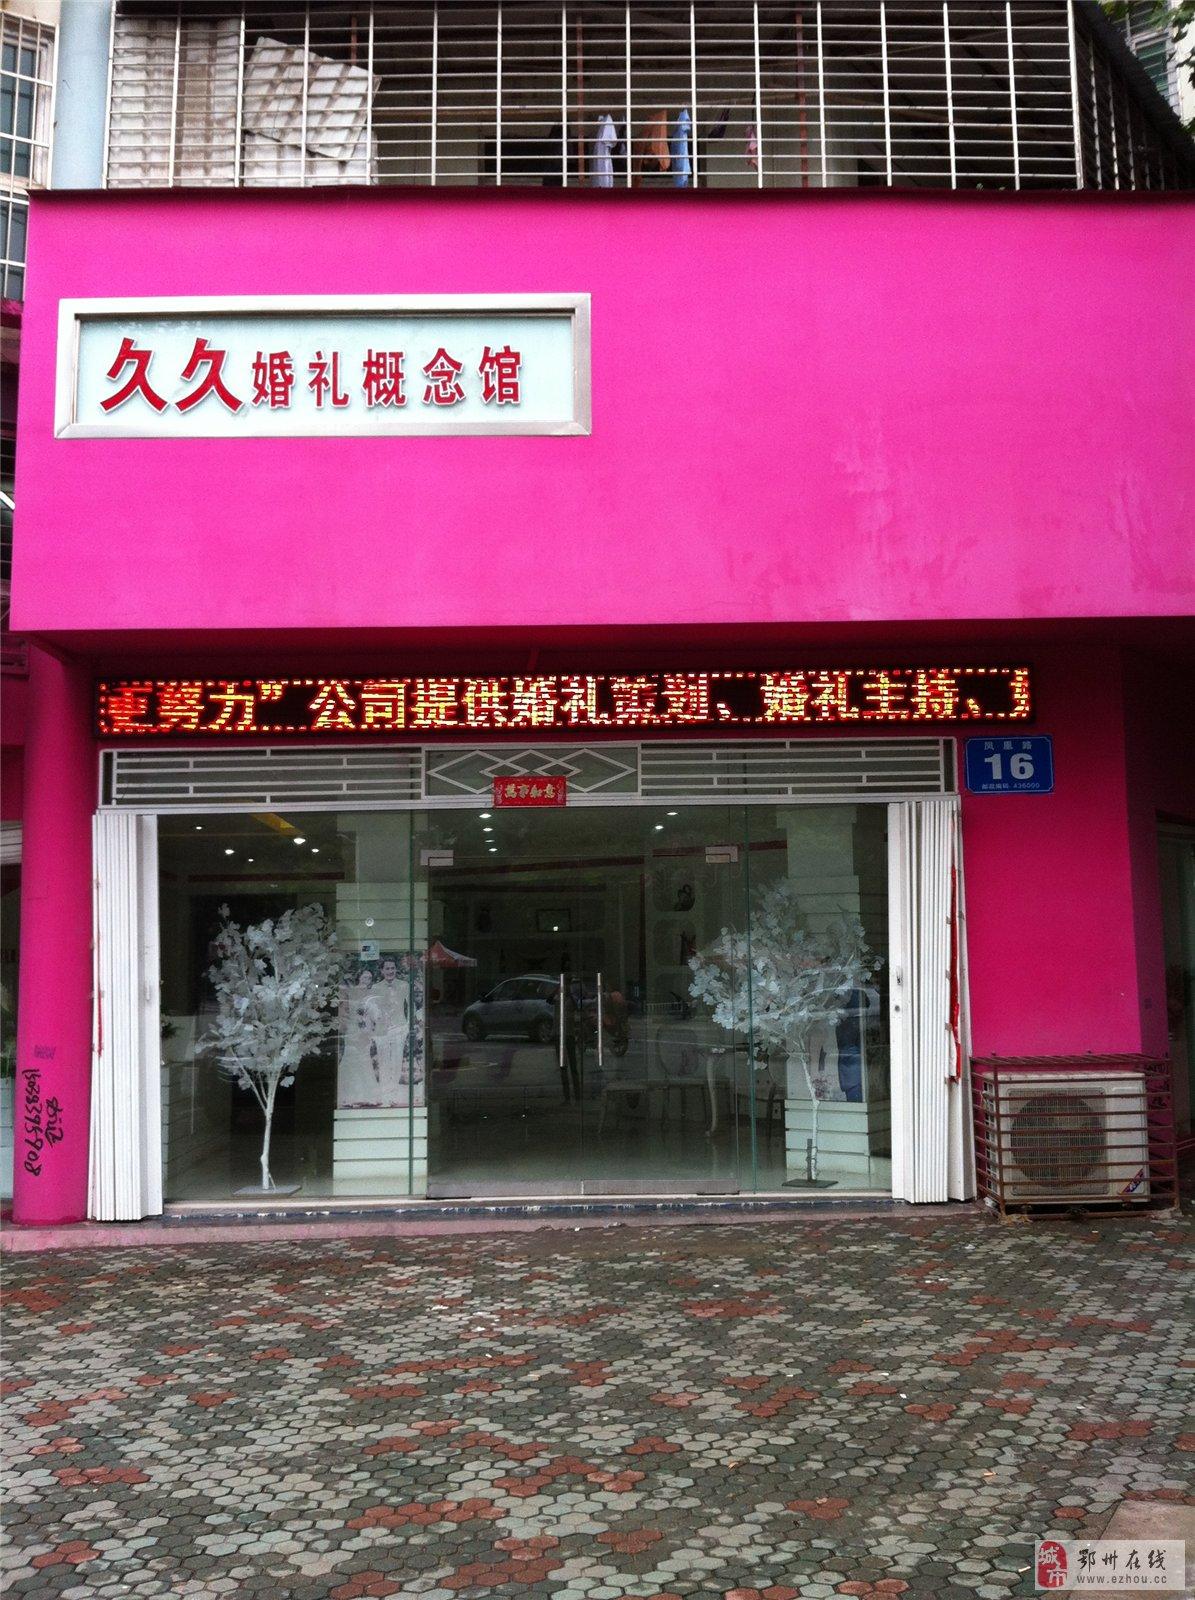 刘字艺术字